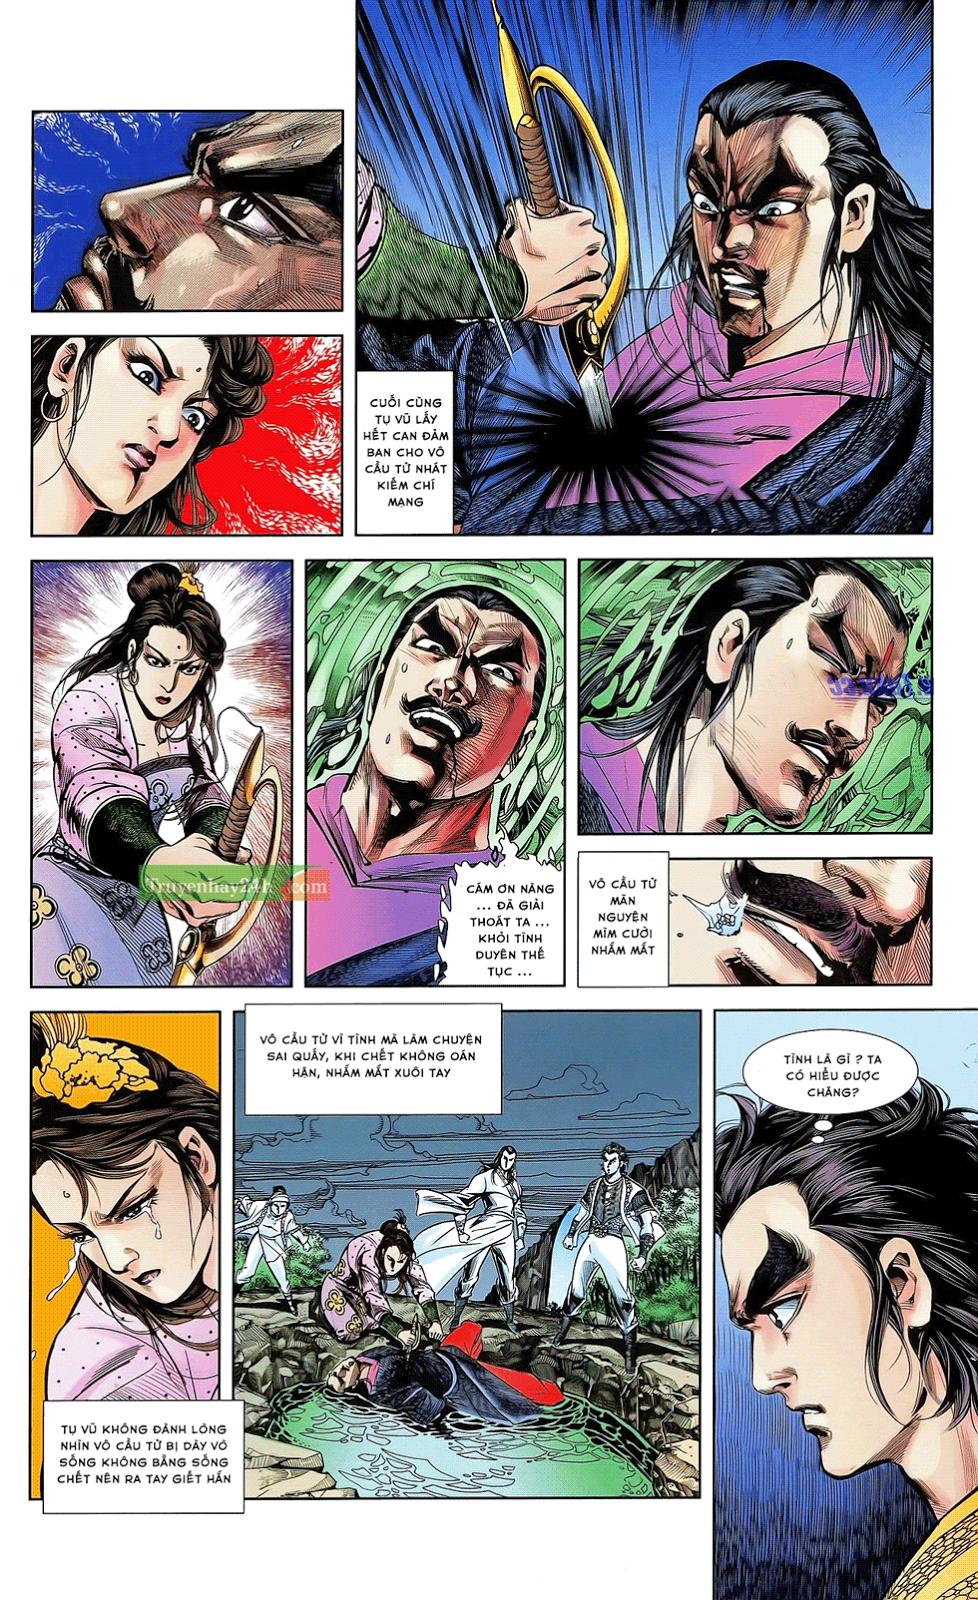 Tần Vương Doanh Chính chapter 21 trang 19